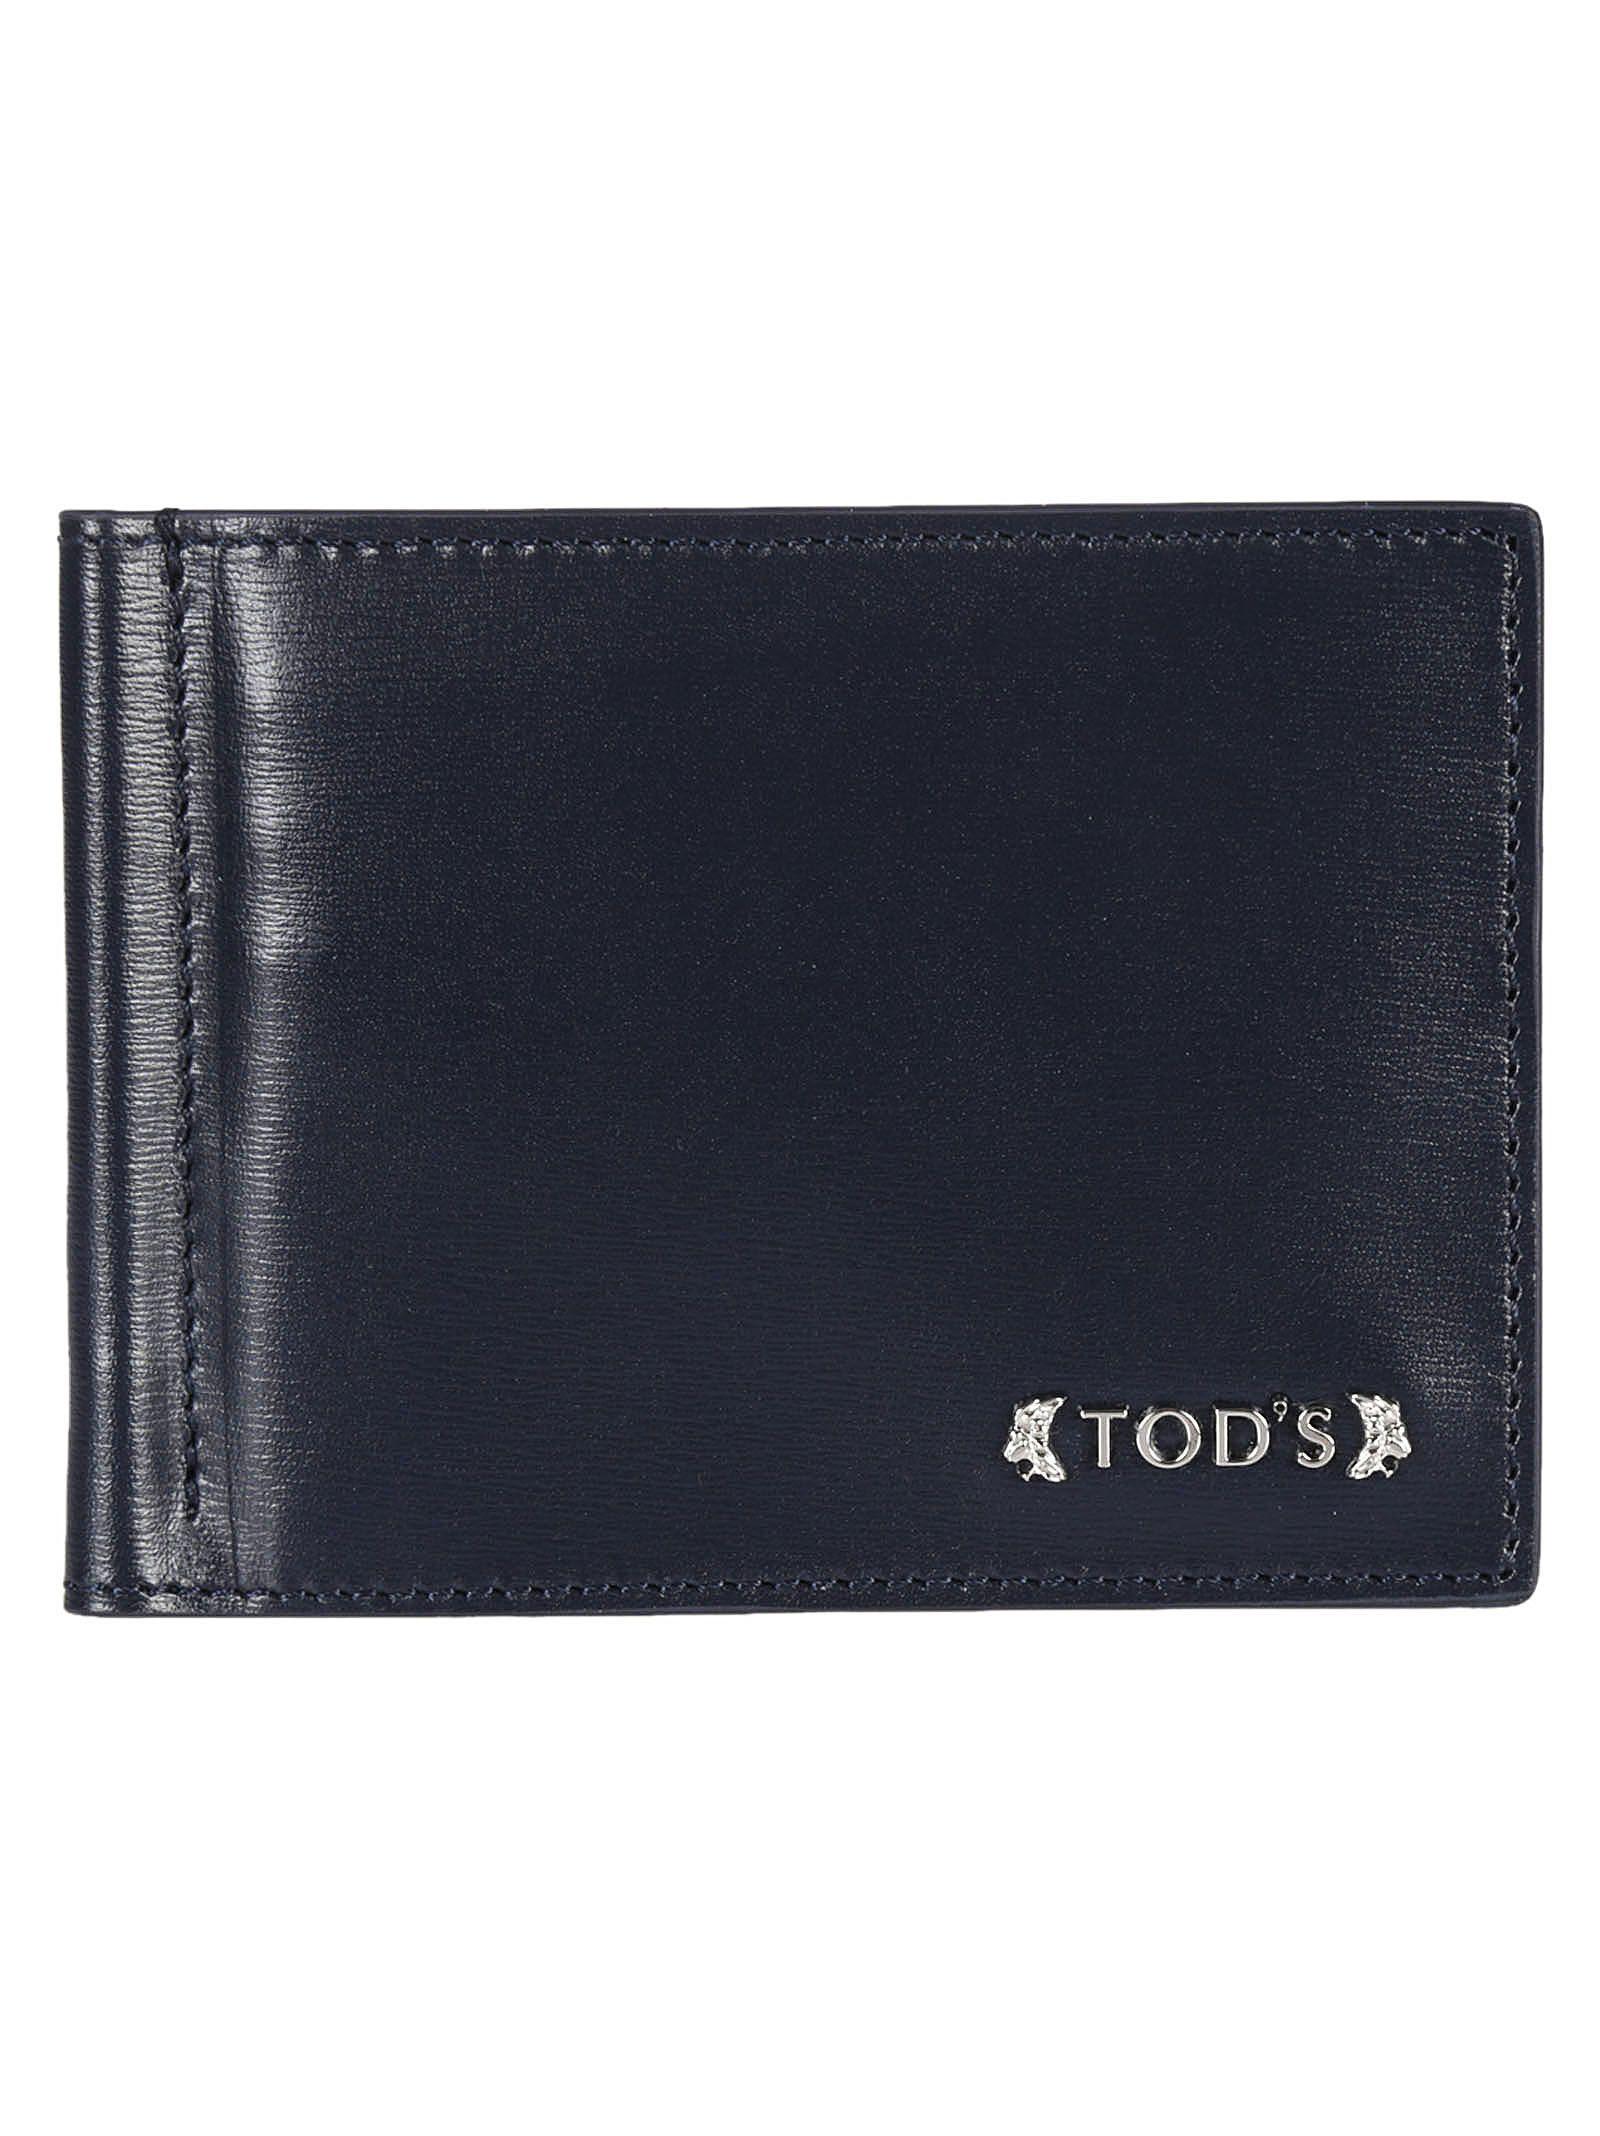 Tods Logo Plaque Wallet